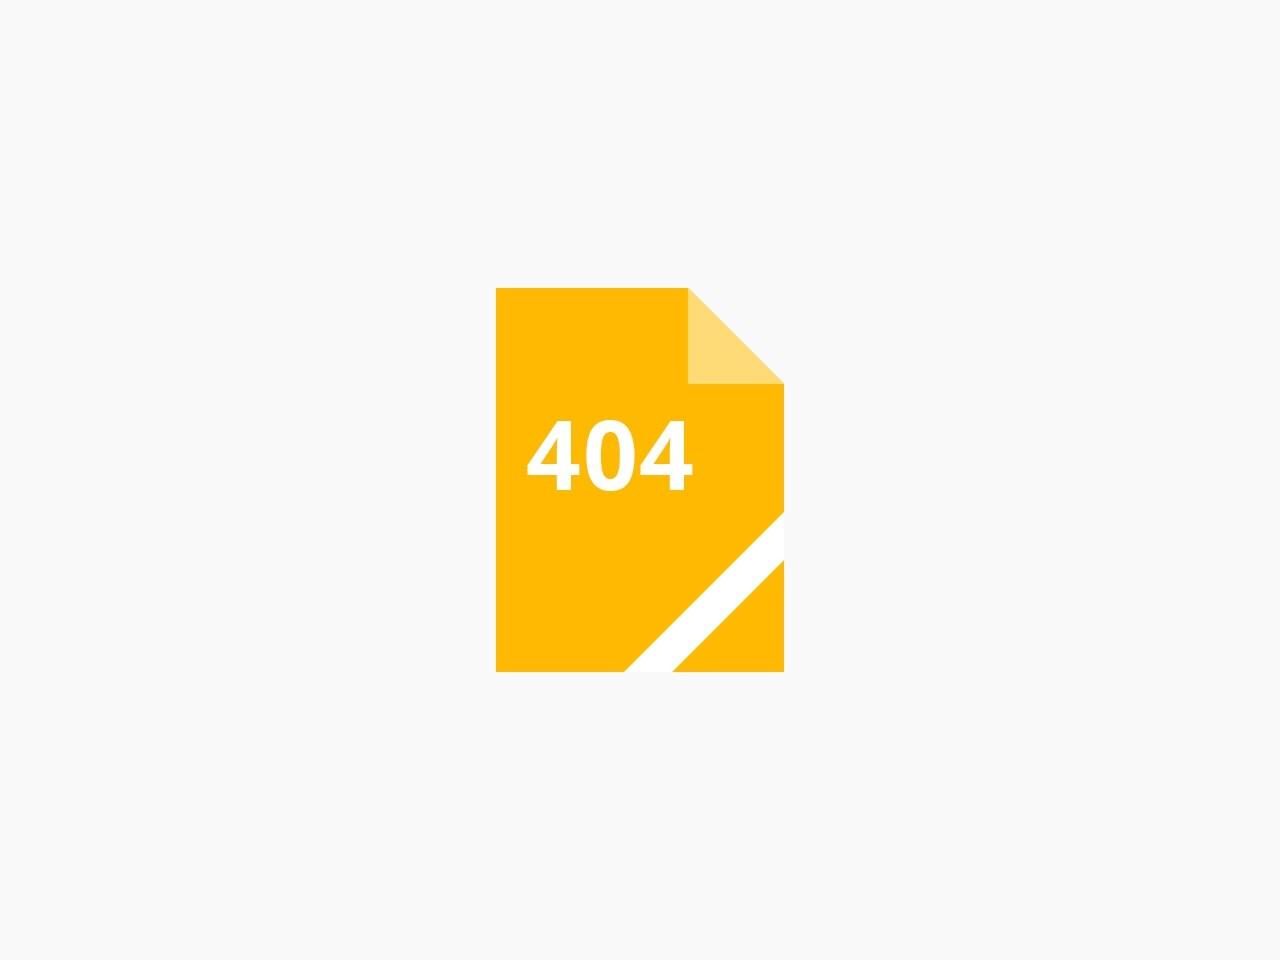 趣流网-运动潮流-Sneaker球鞋资讯-装备评测